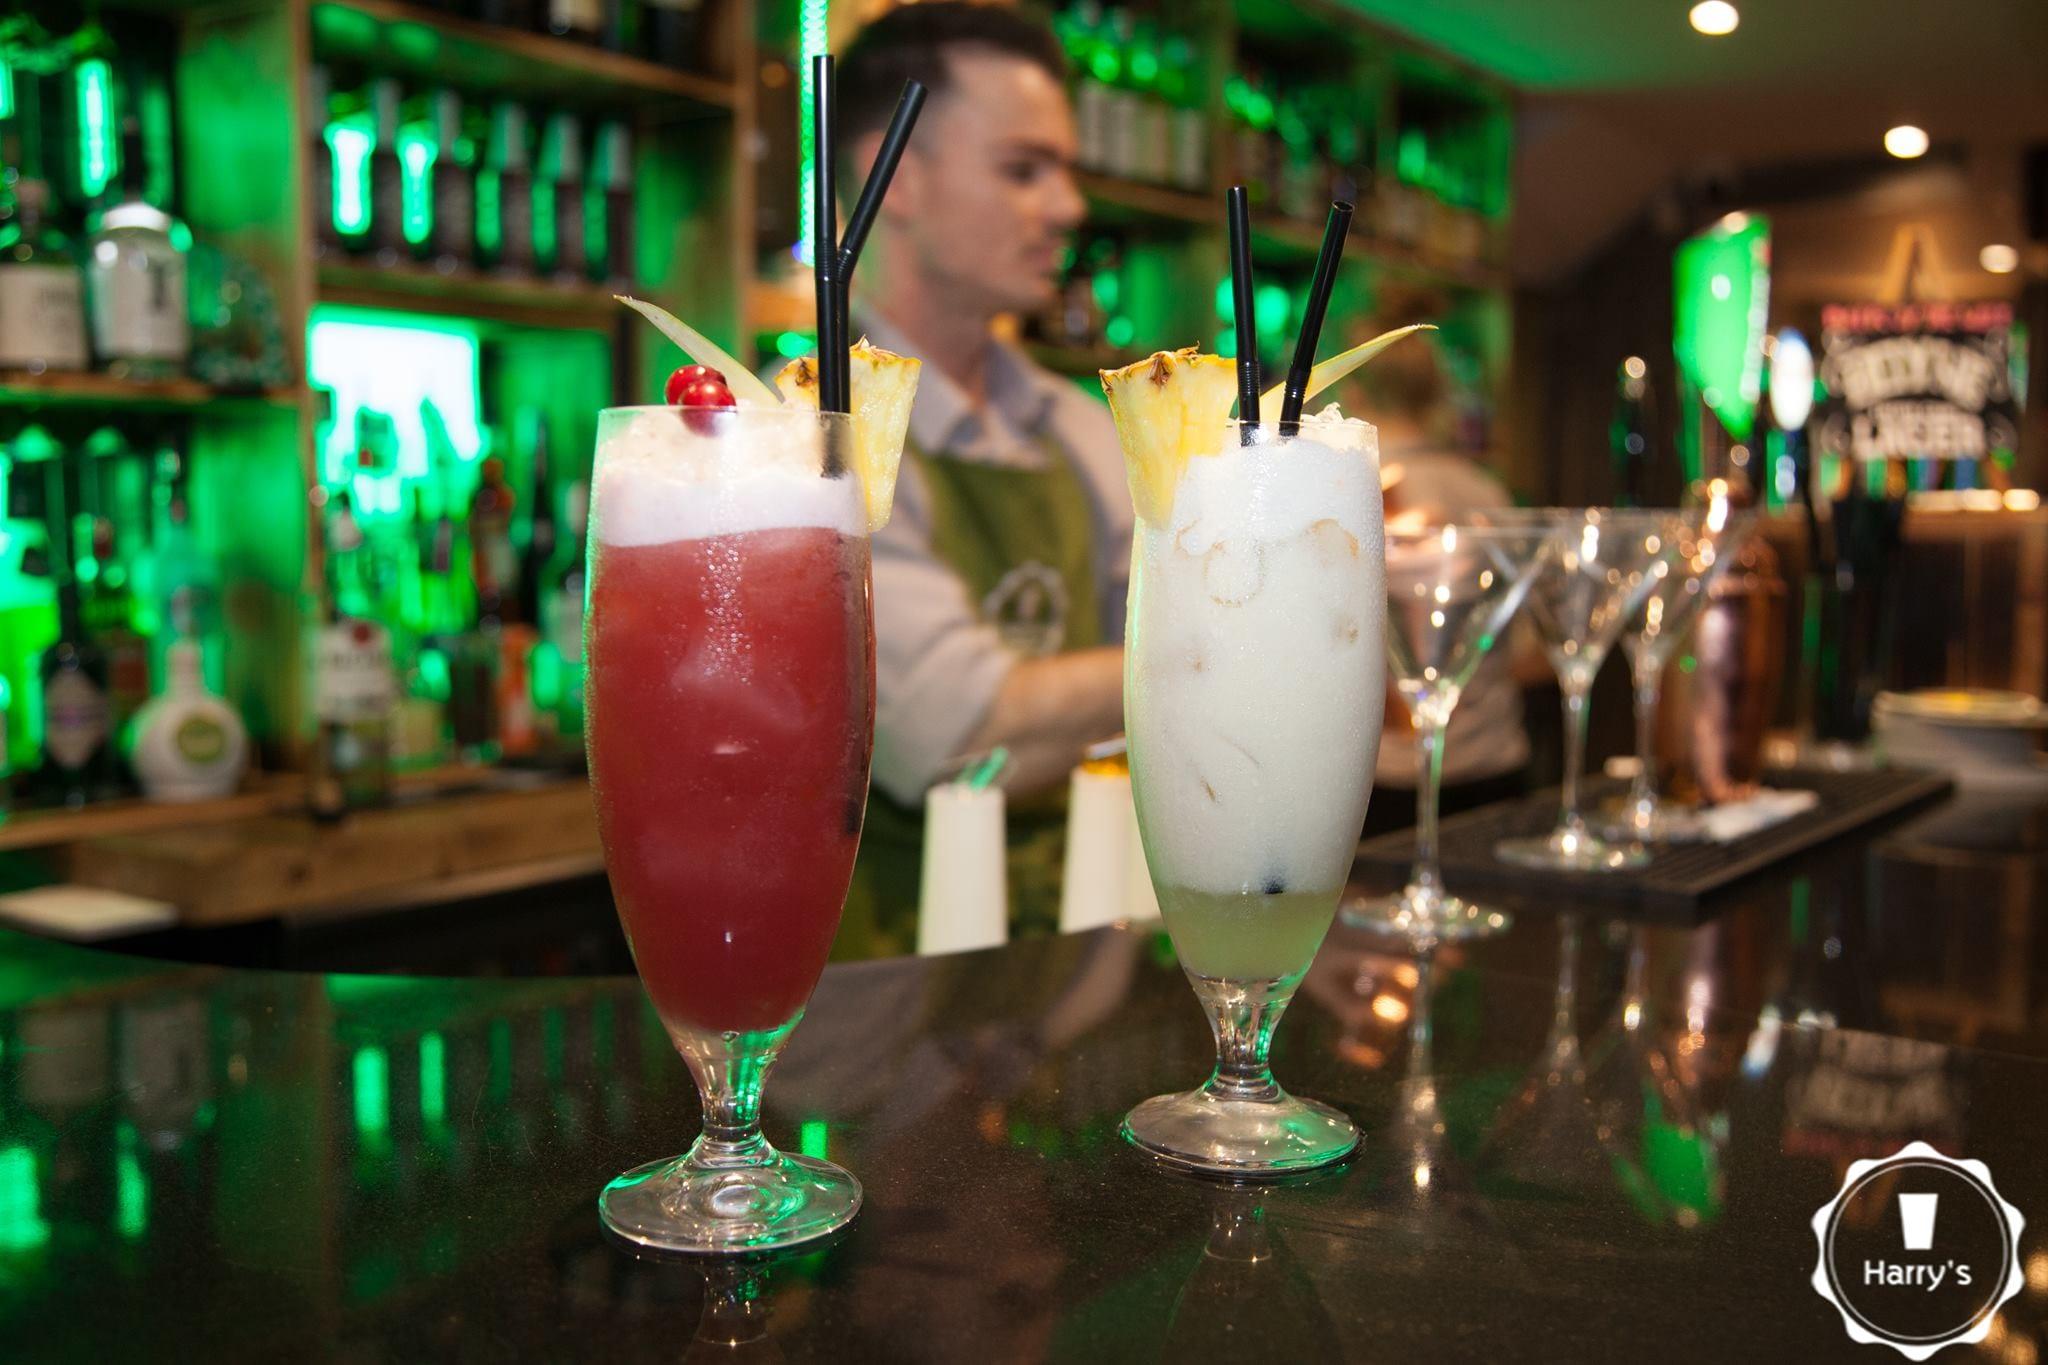 Harrys Bar